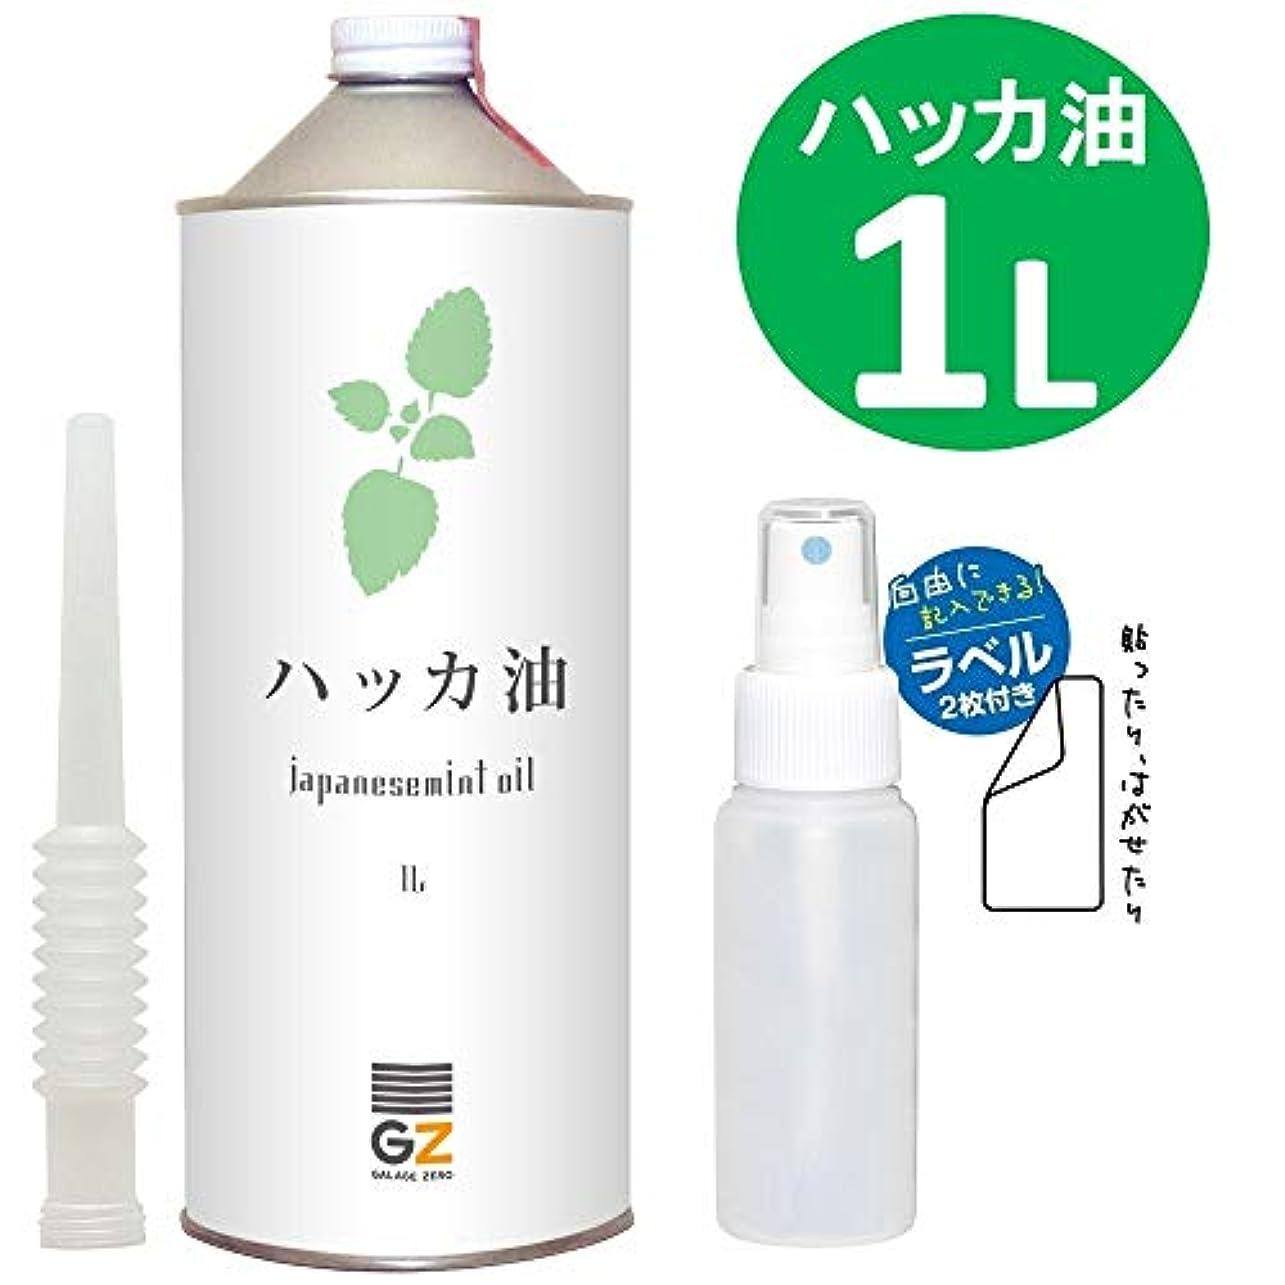 インフラミキサーステートメントガレージ?ゼロ ハッカ油 1L(GZAK14)+50mlPEスプレーボトル/和種薄荷/ジャパニーズミント GSE531